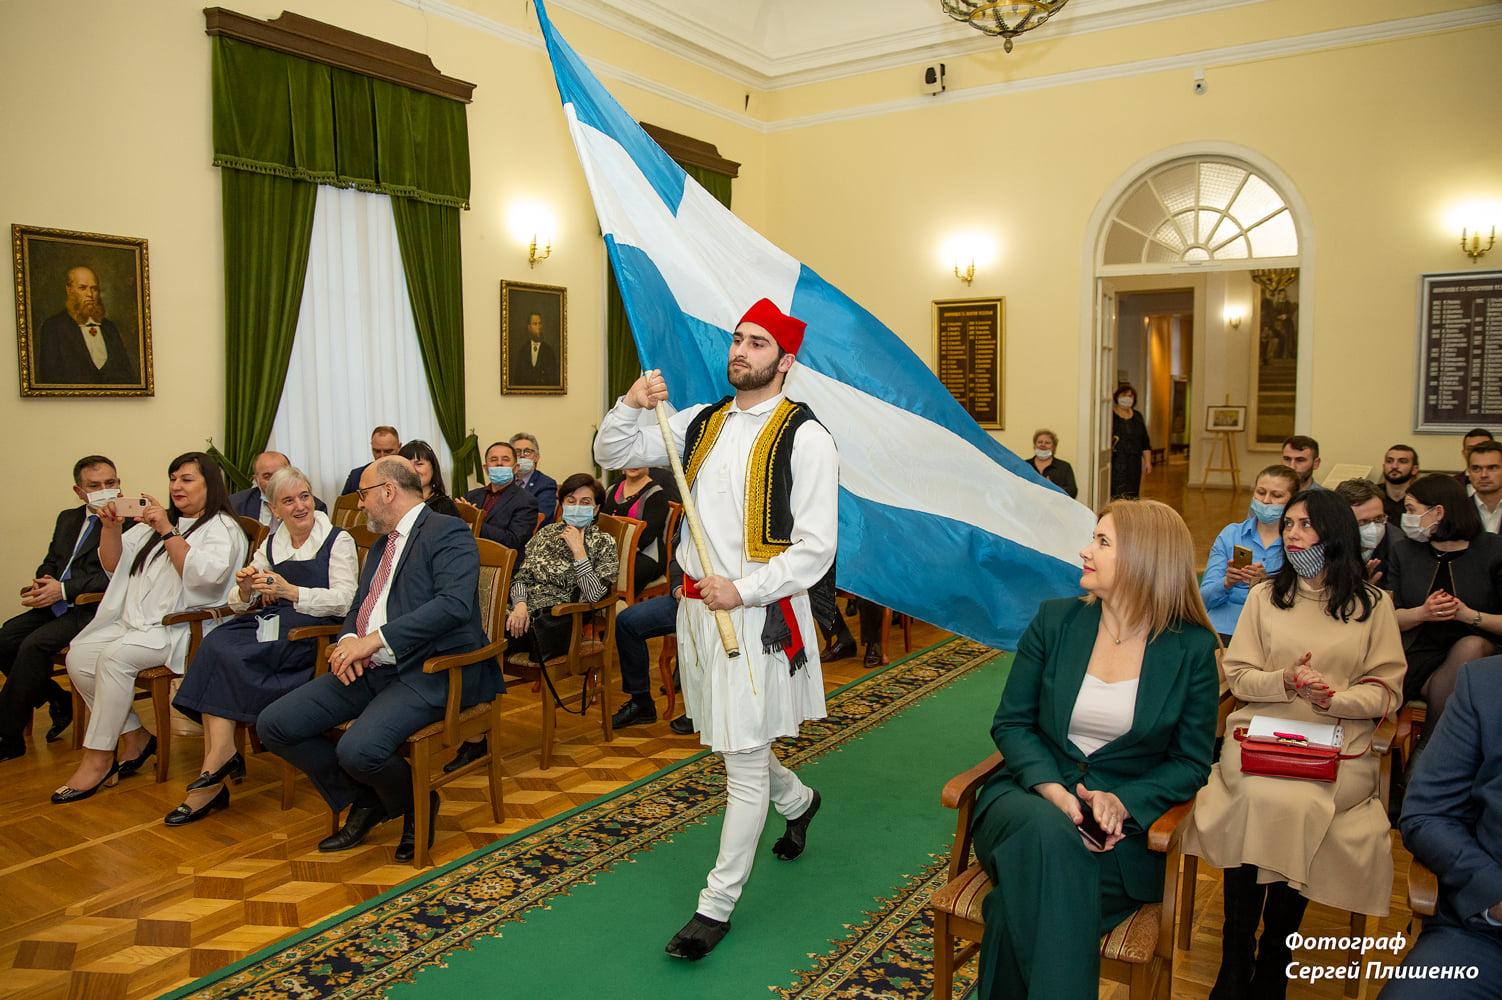 В Таганроге дан старт мероприятиям перекрестного Года истории Россия-Греция